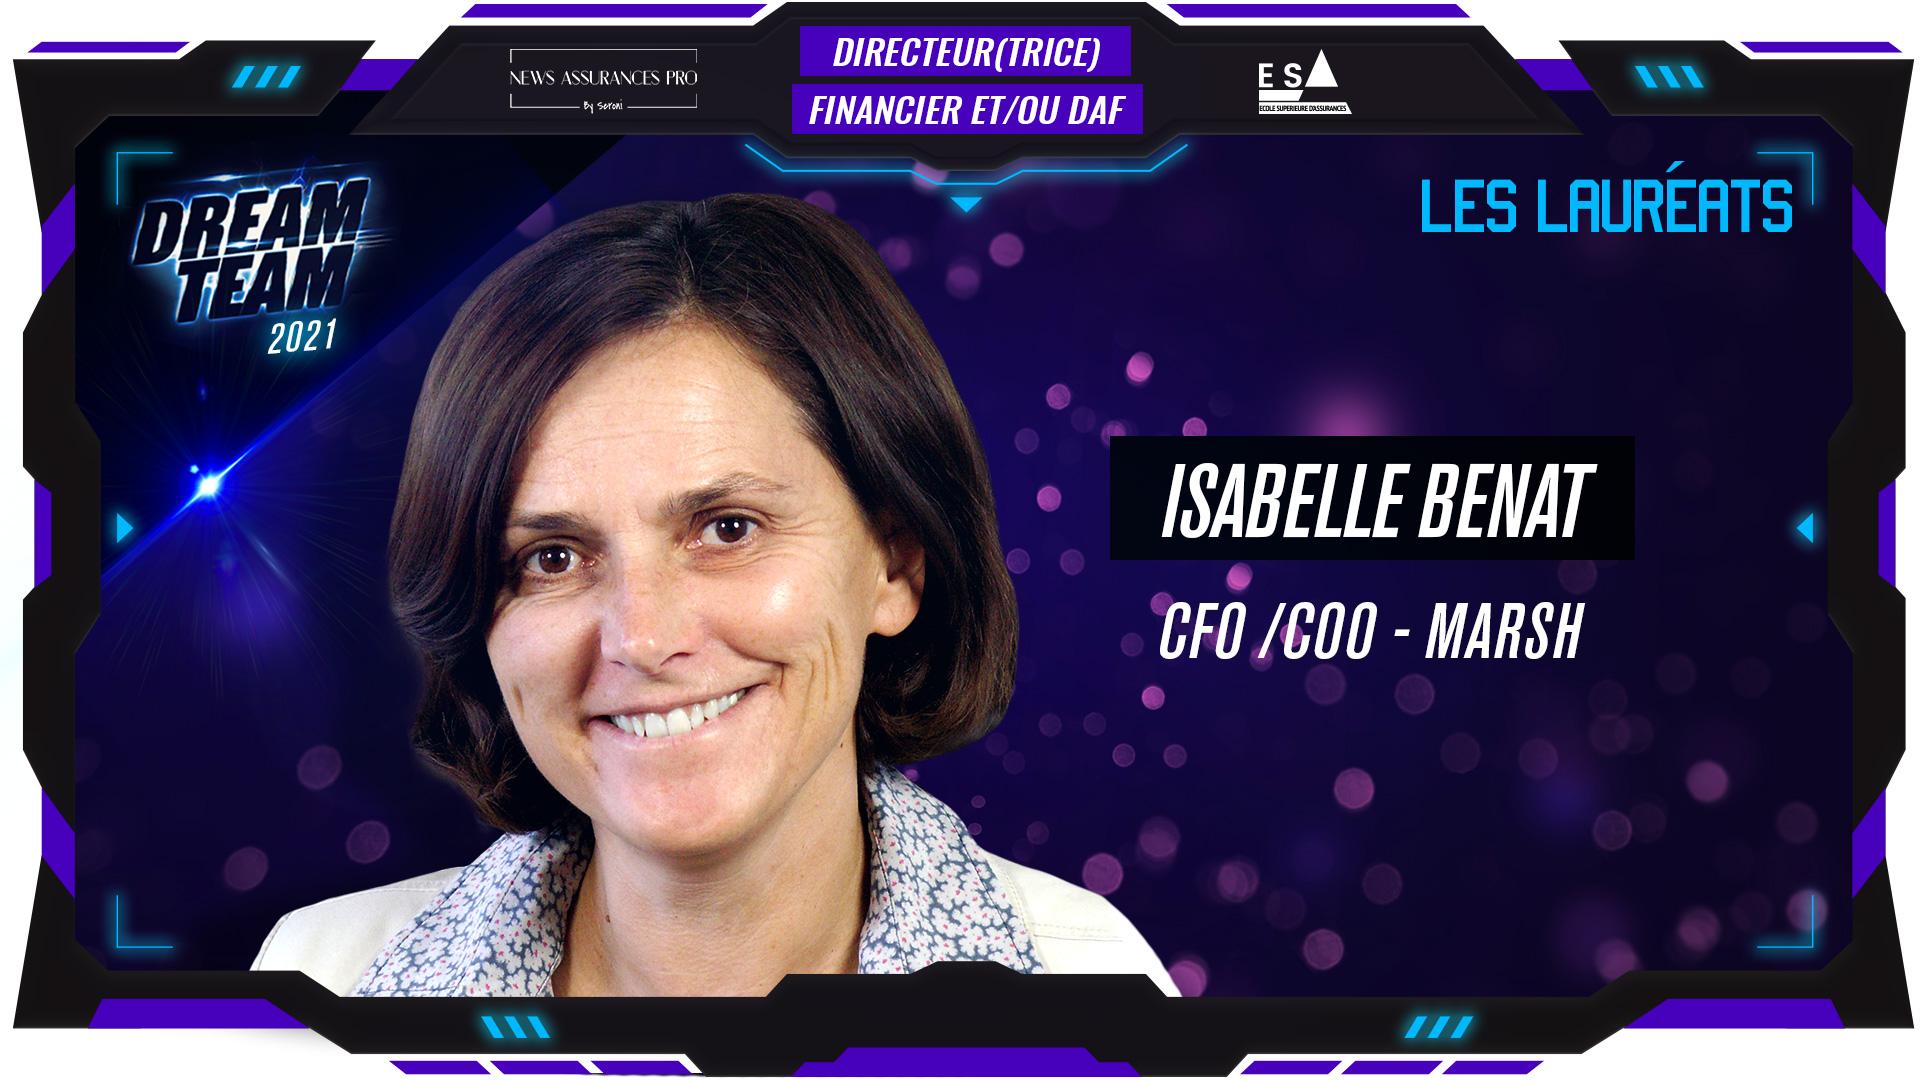 Isabelle Benat au poste de Directrice Financier et/ou DAF